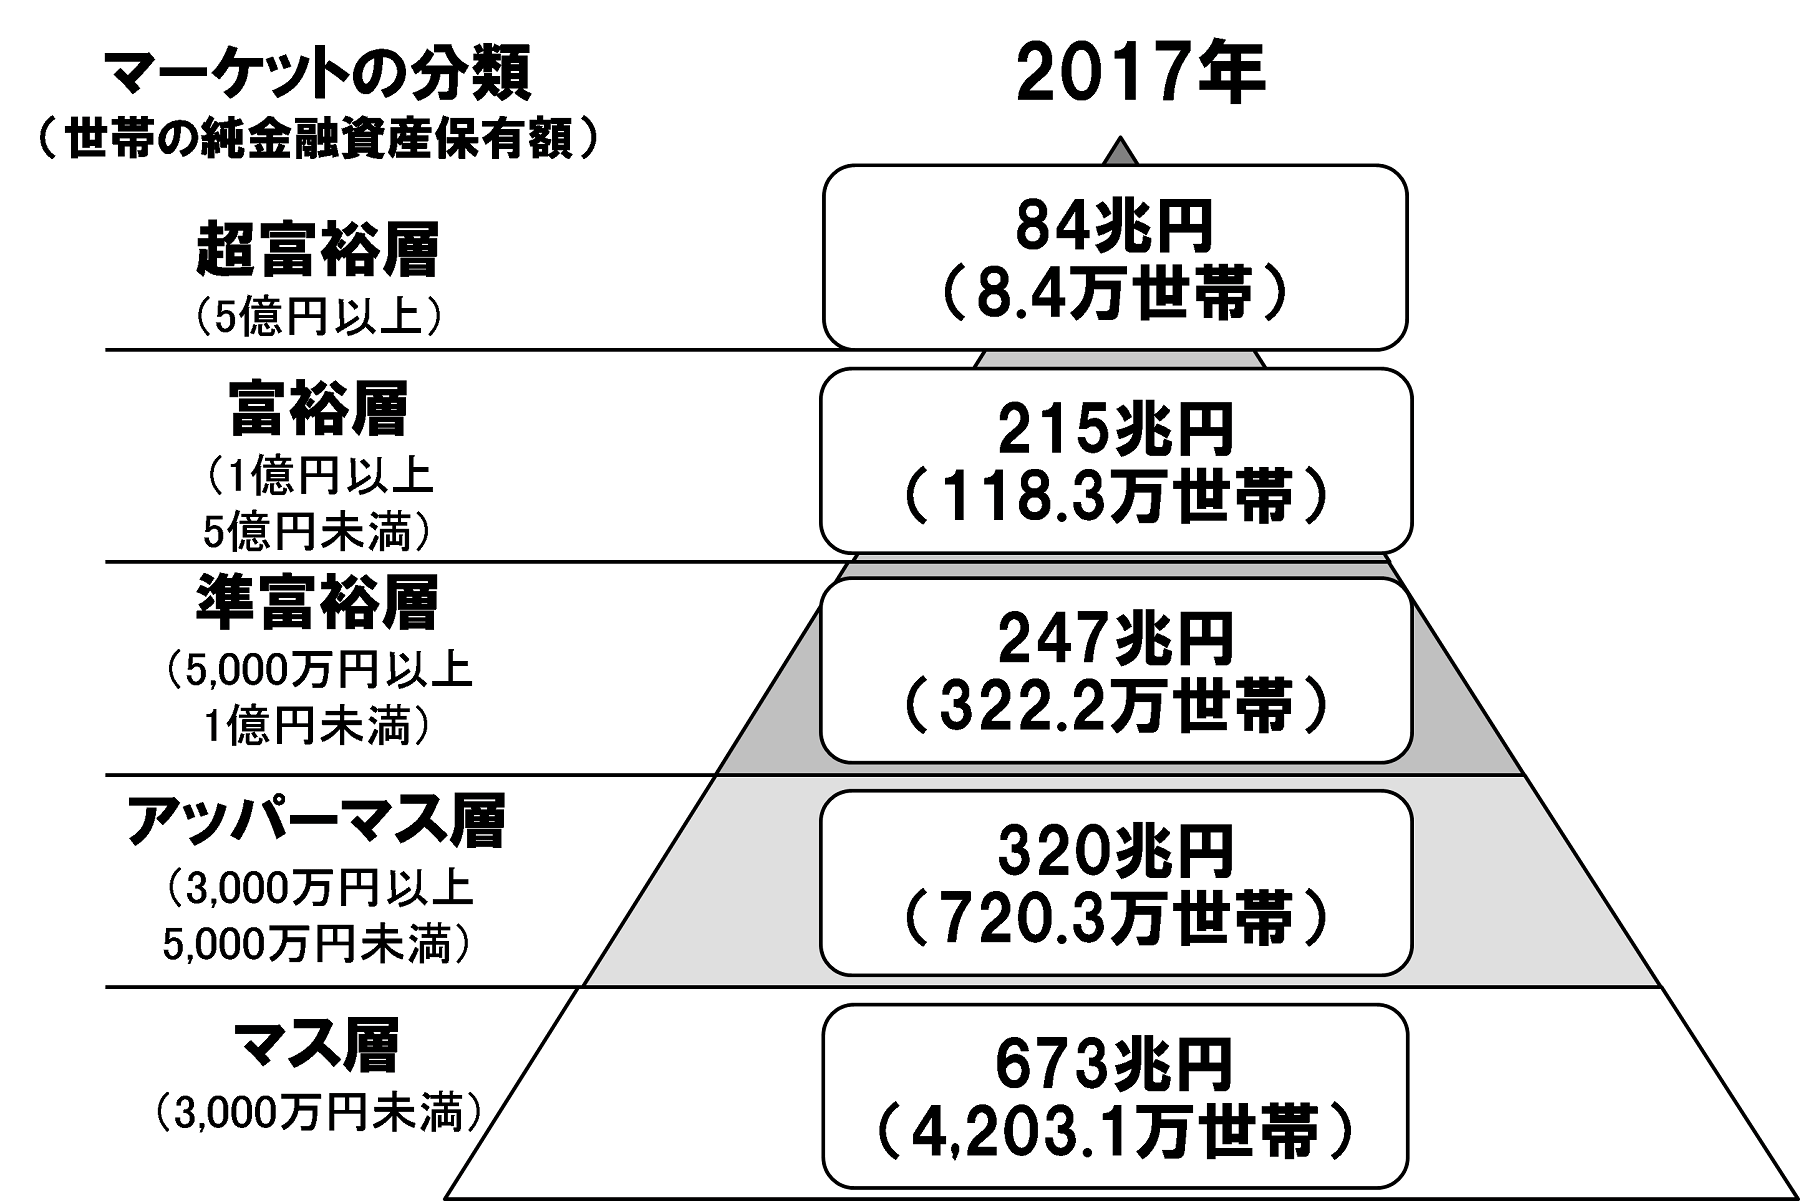 野村総合研究所、日本の富裕層は127万世帯、純金融資産総額は299兆円と ...